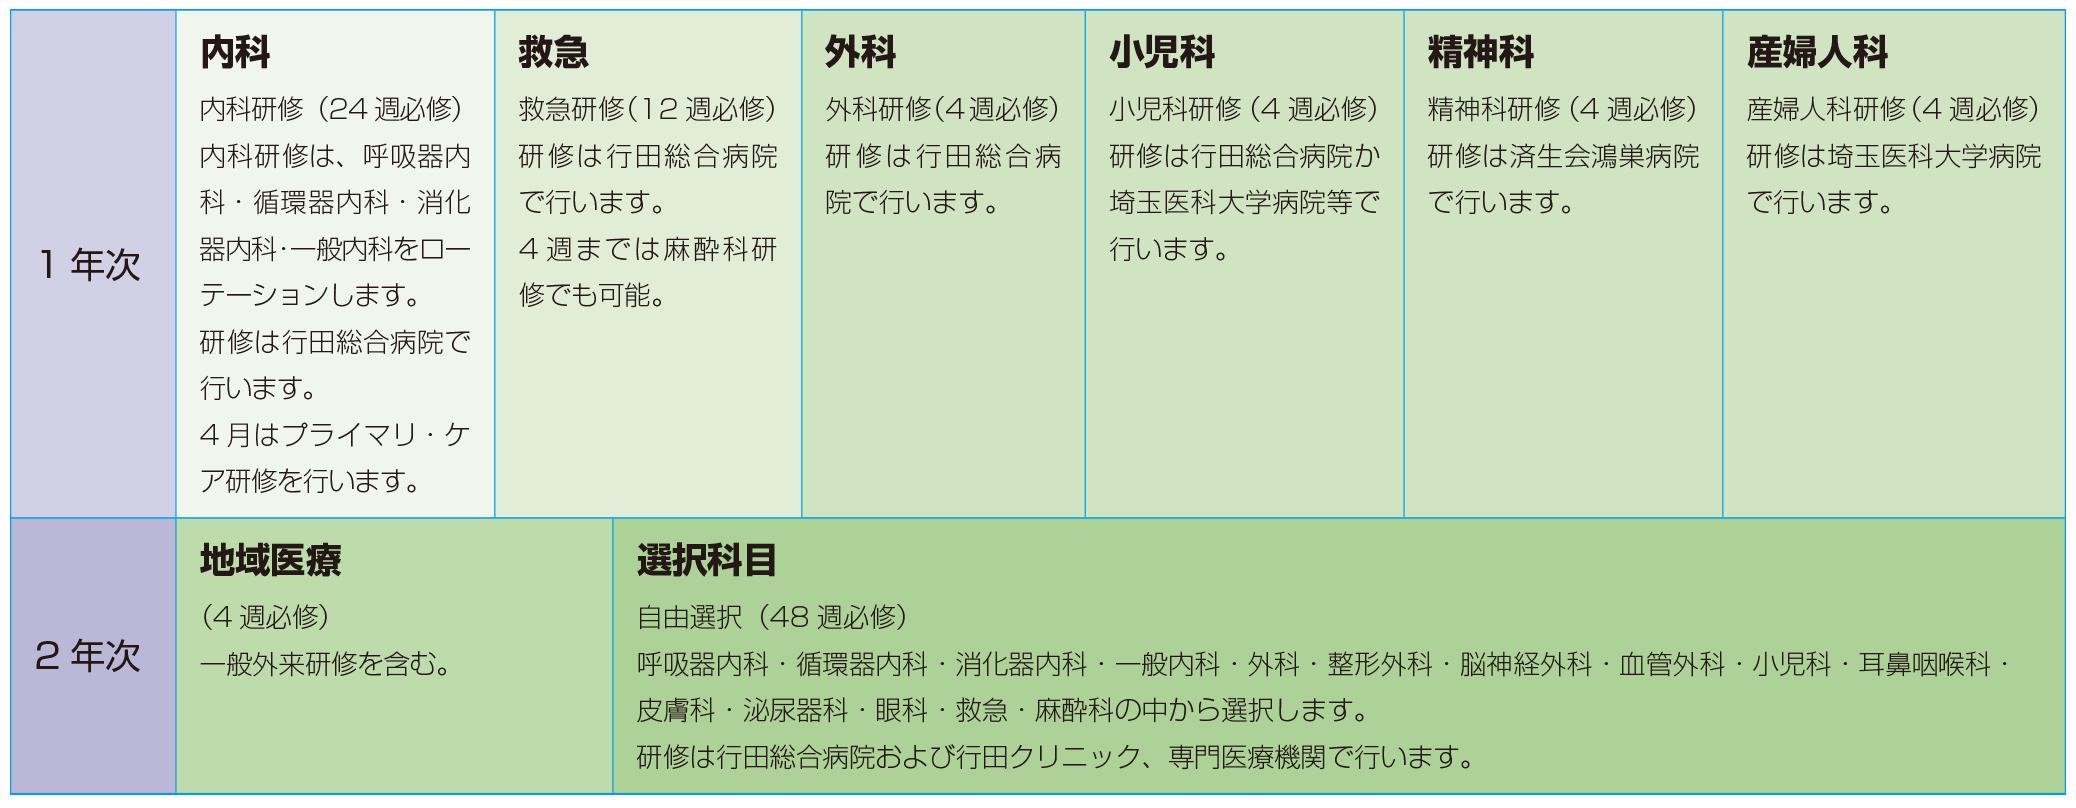 一般的なプログラムサンプルの表